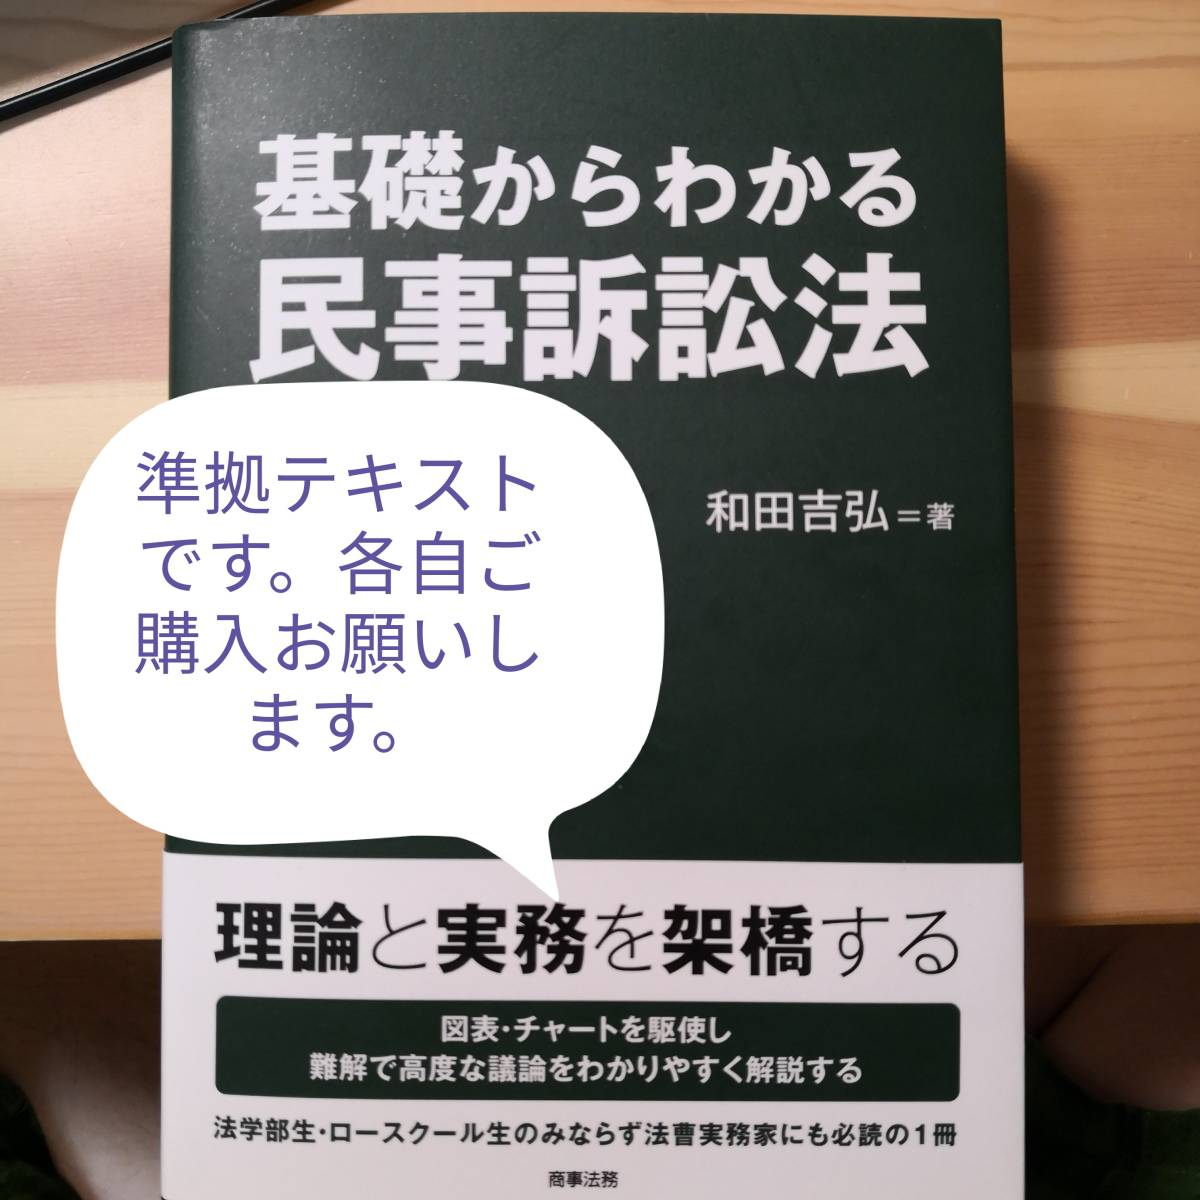 書 基本 訴訟 民事 法 『民事訴訟法』(著:瀬木比呂志)